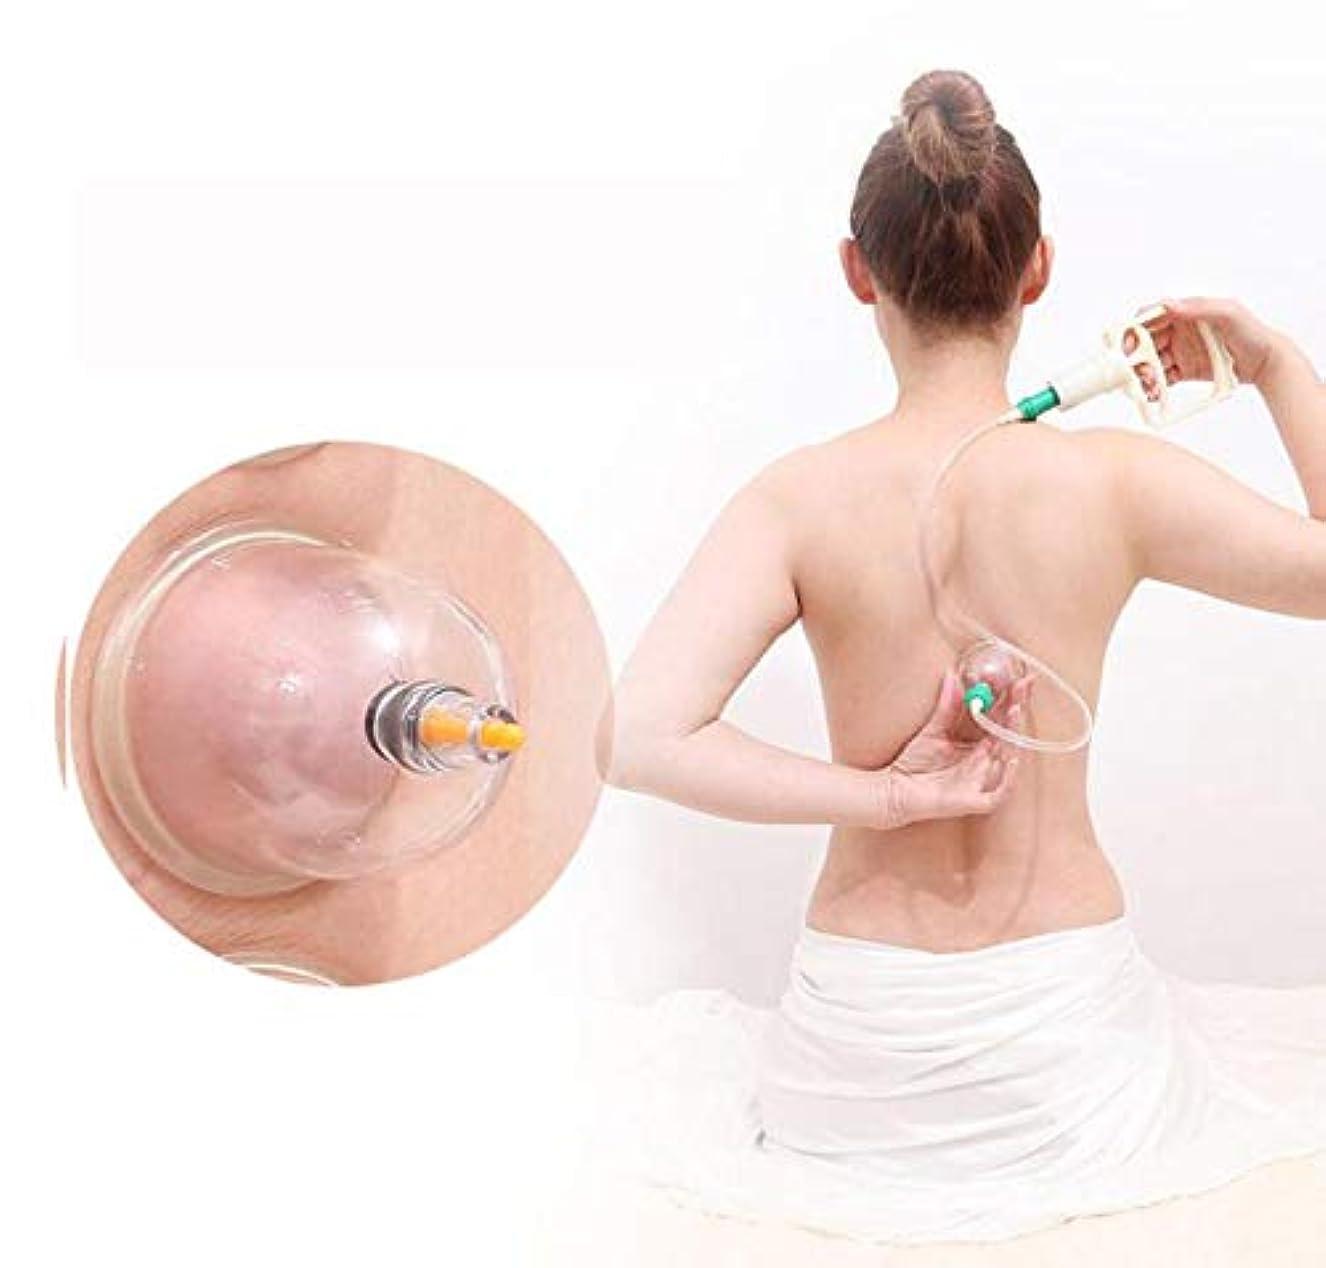 放棄つかの間軽減するカッピング 吸い玉カップ 治療 痛み緩和 血液の循環を促す 中国式療法 マッサージ効果